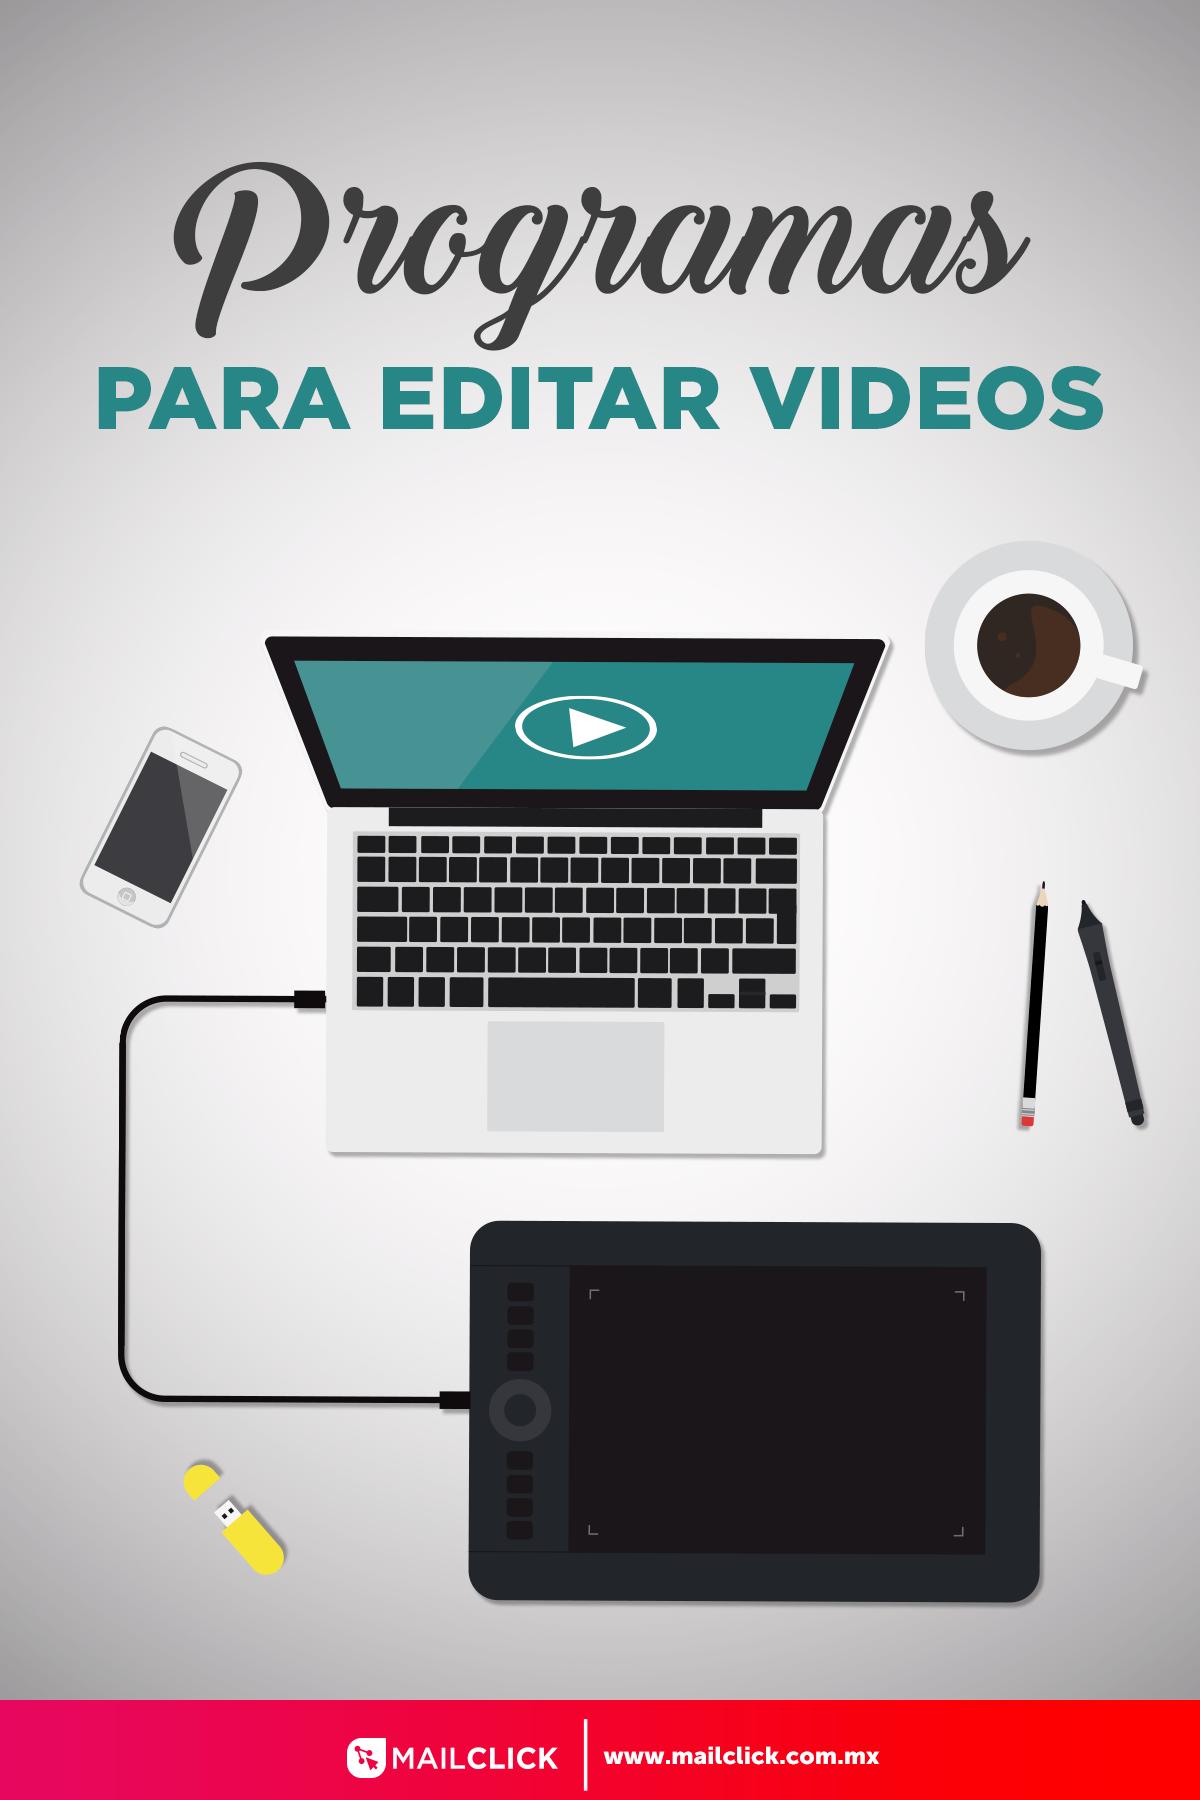 6 Programas Para Editar Videos Comunicacion Y Marketing Marketing Enseñanza Aprendizaje